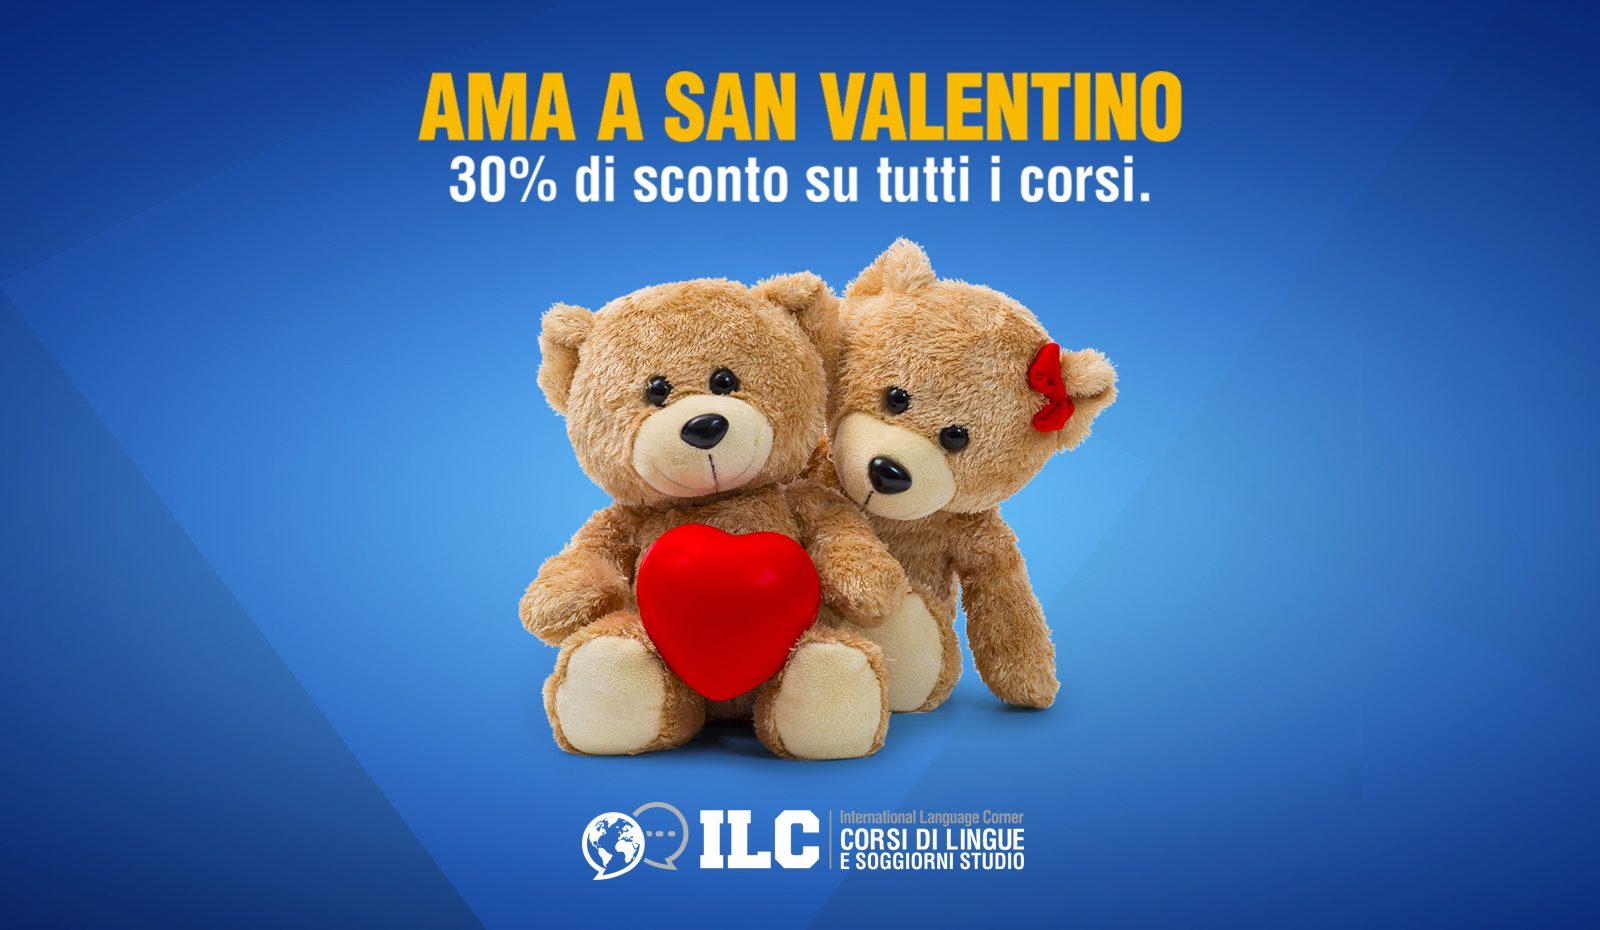 AMA: San Valentino con il 30% di sconto su tutti i corsi Leggi l'articolo